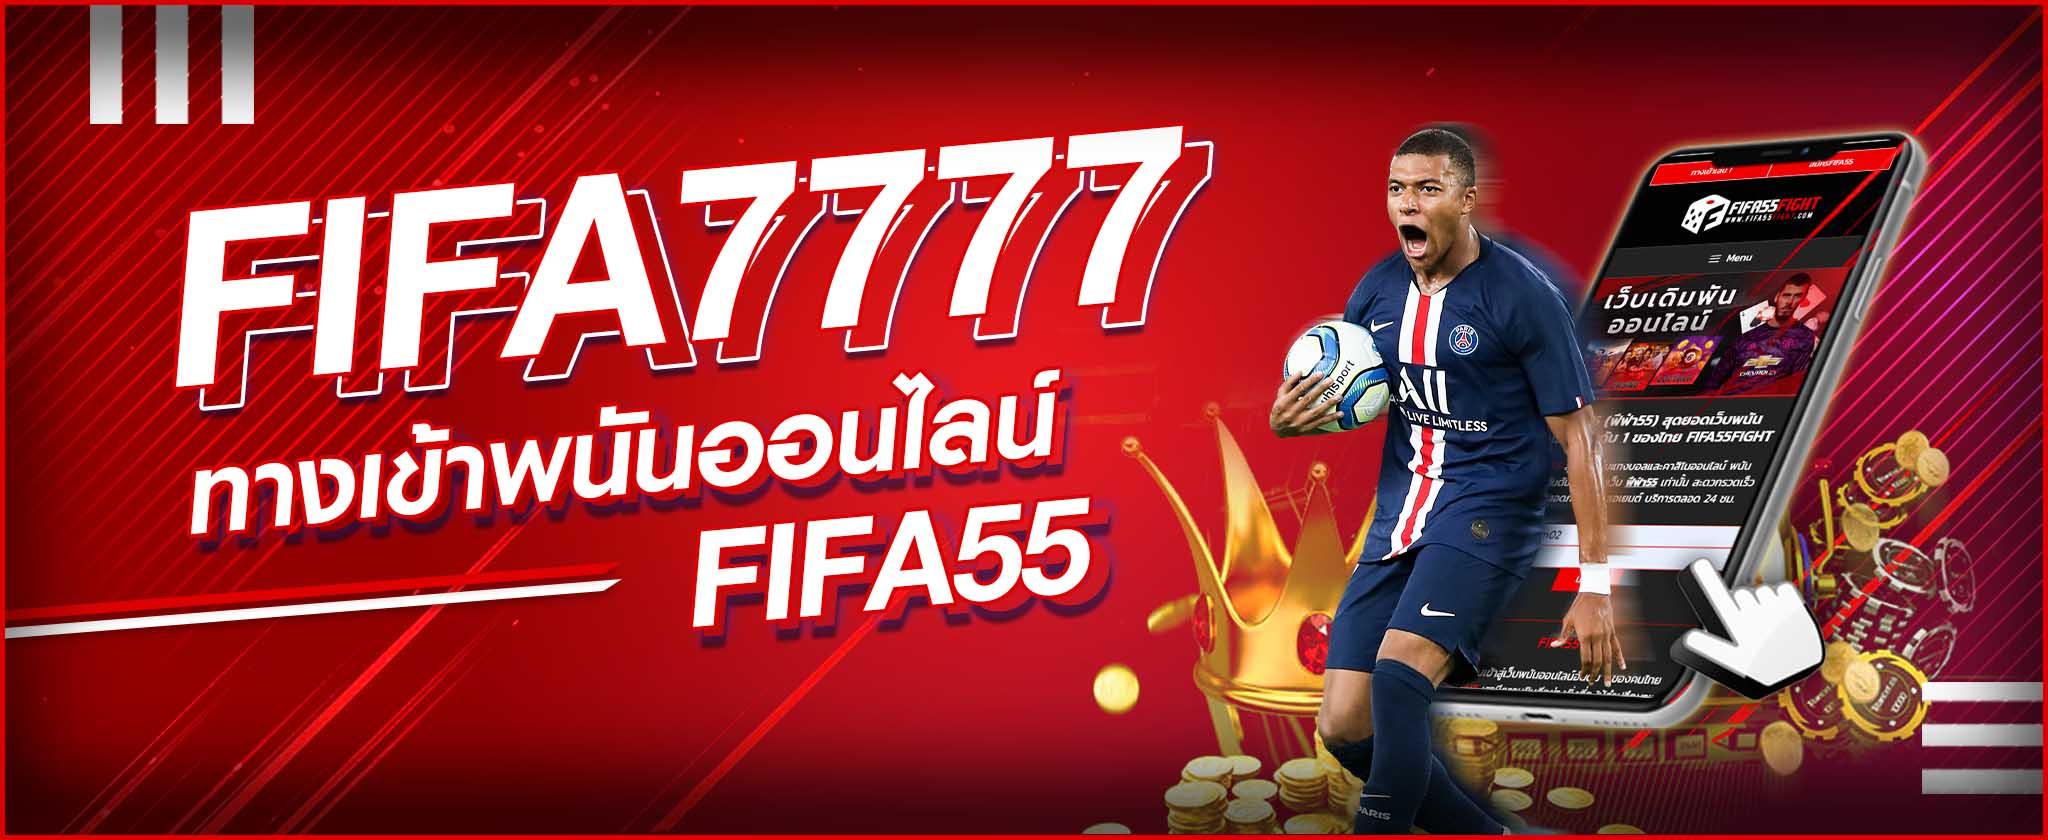 FIFA7777